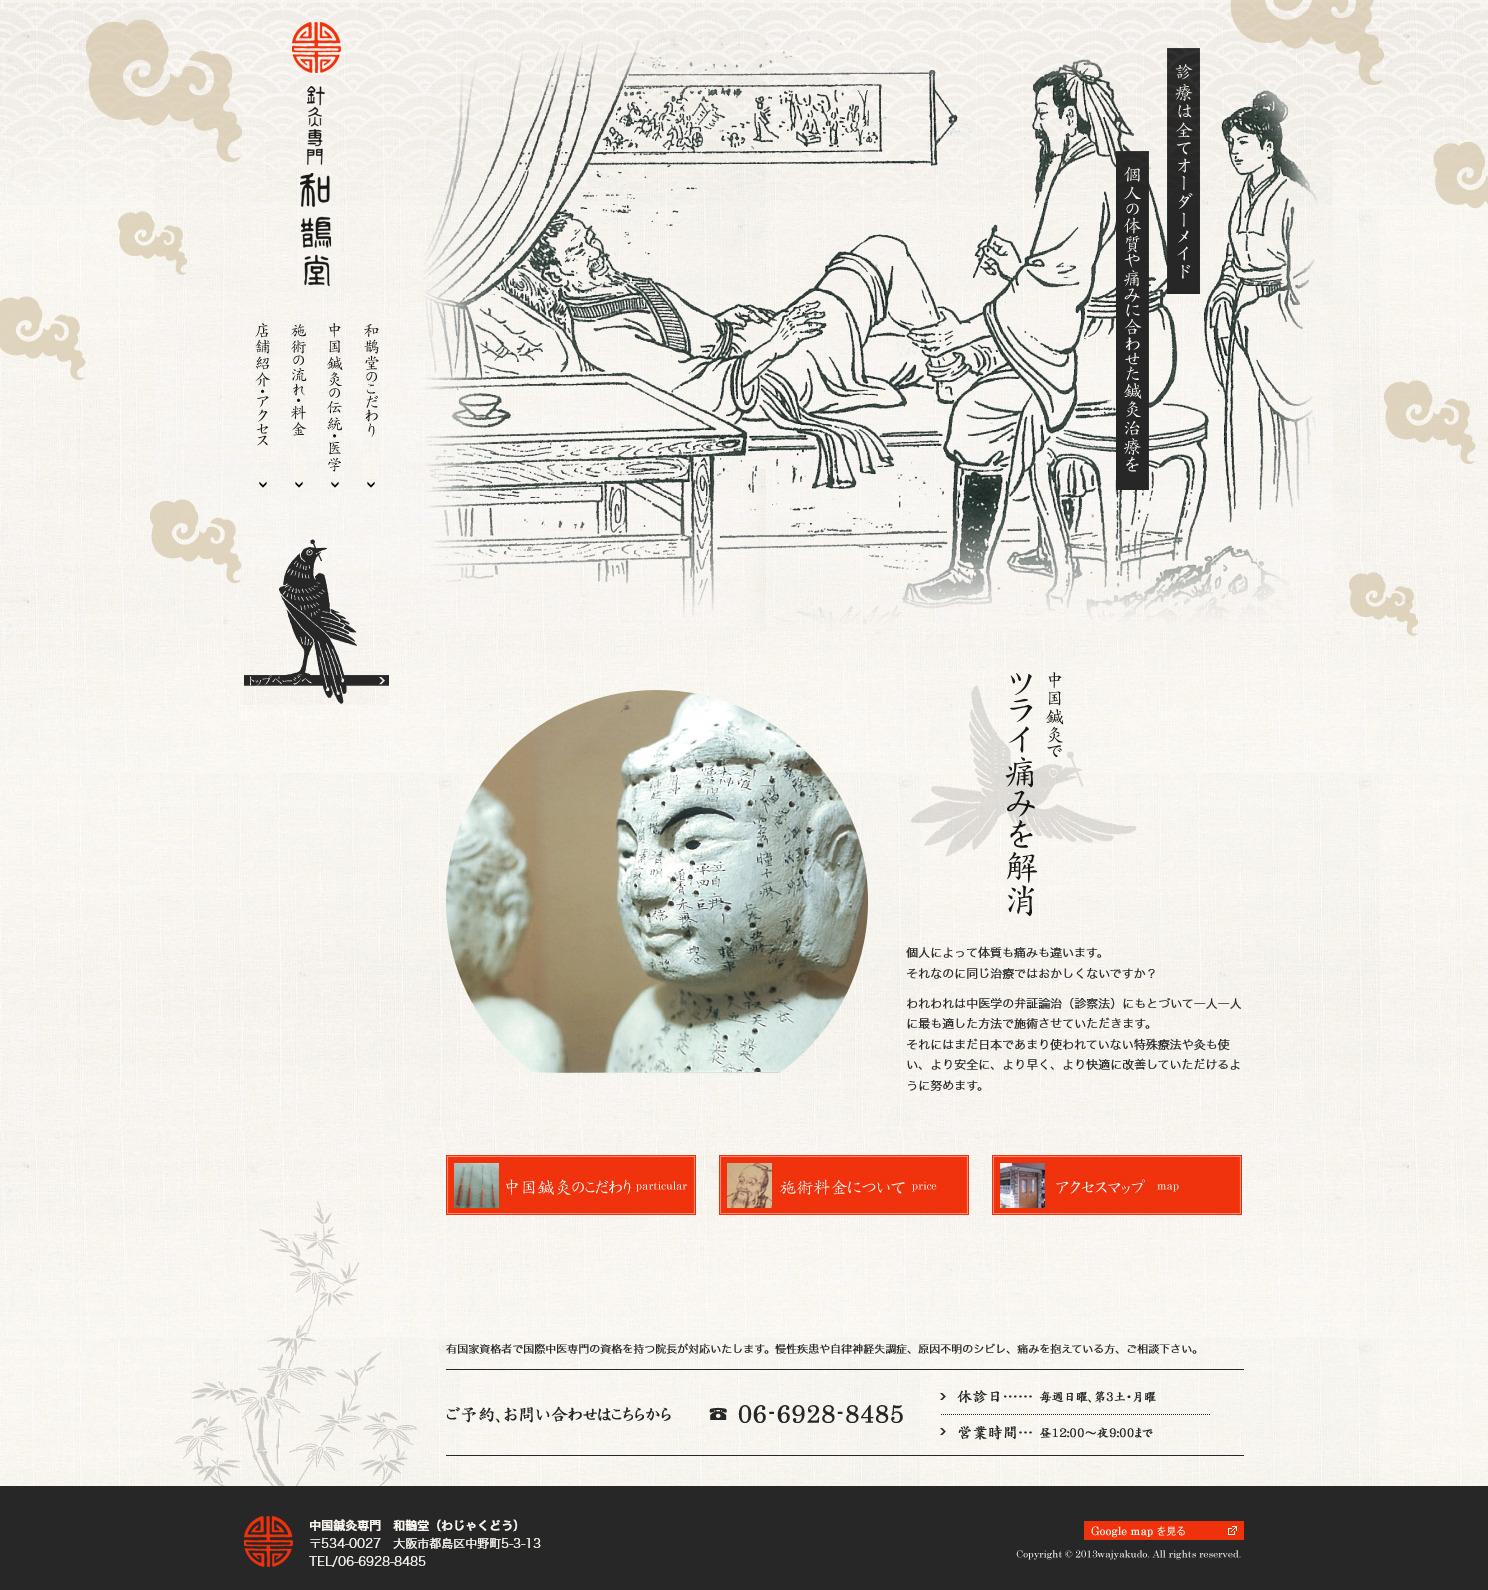 中国鍼灸専門 和鵲堂様